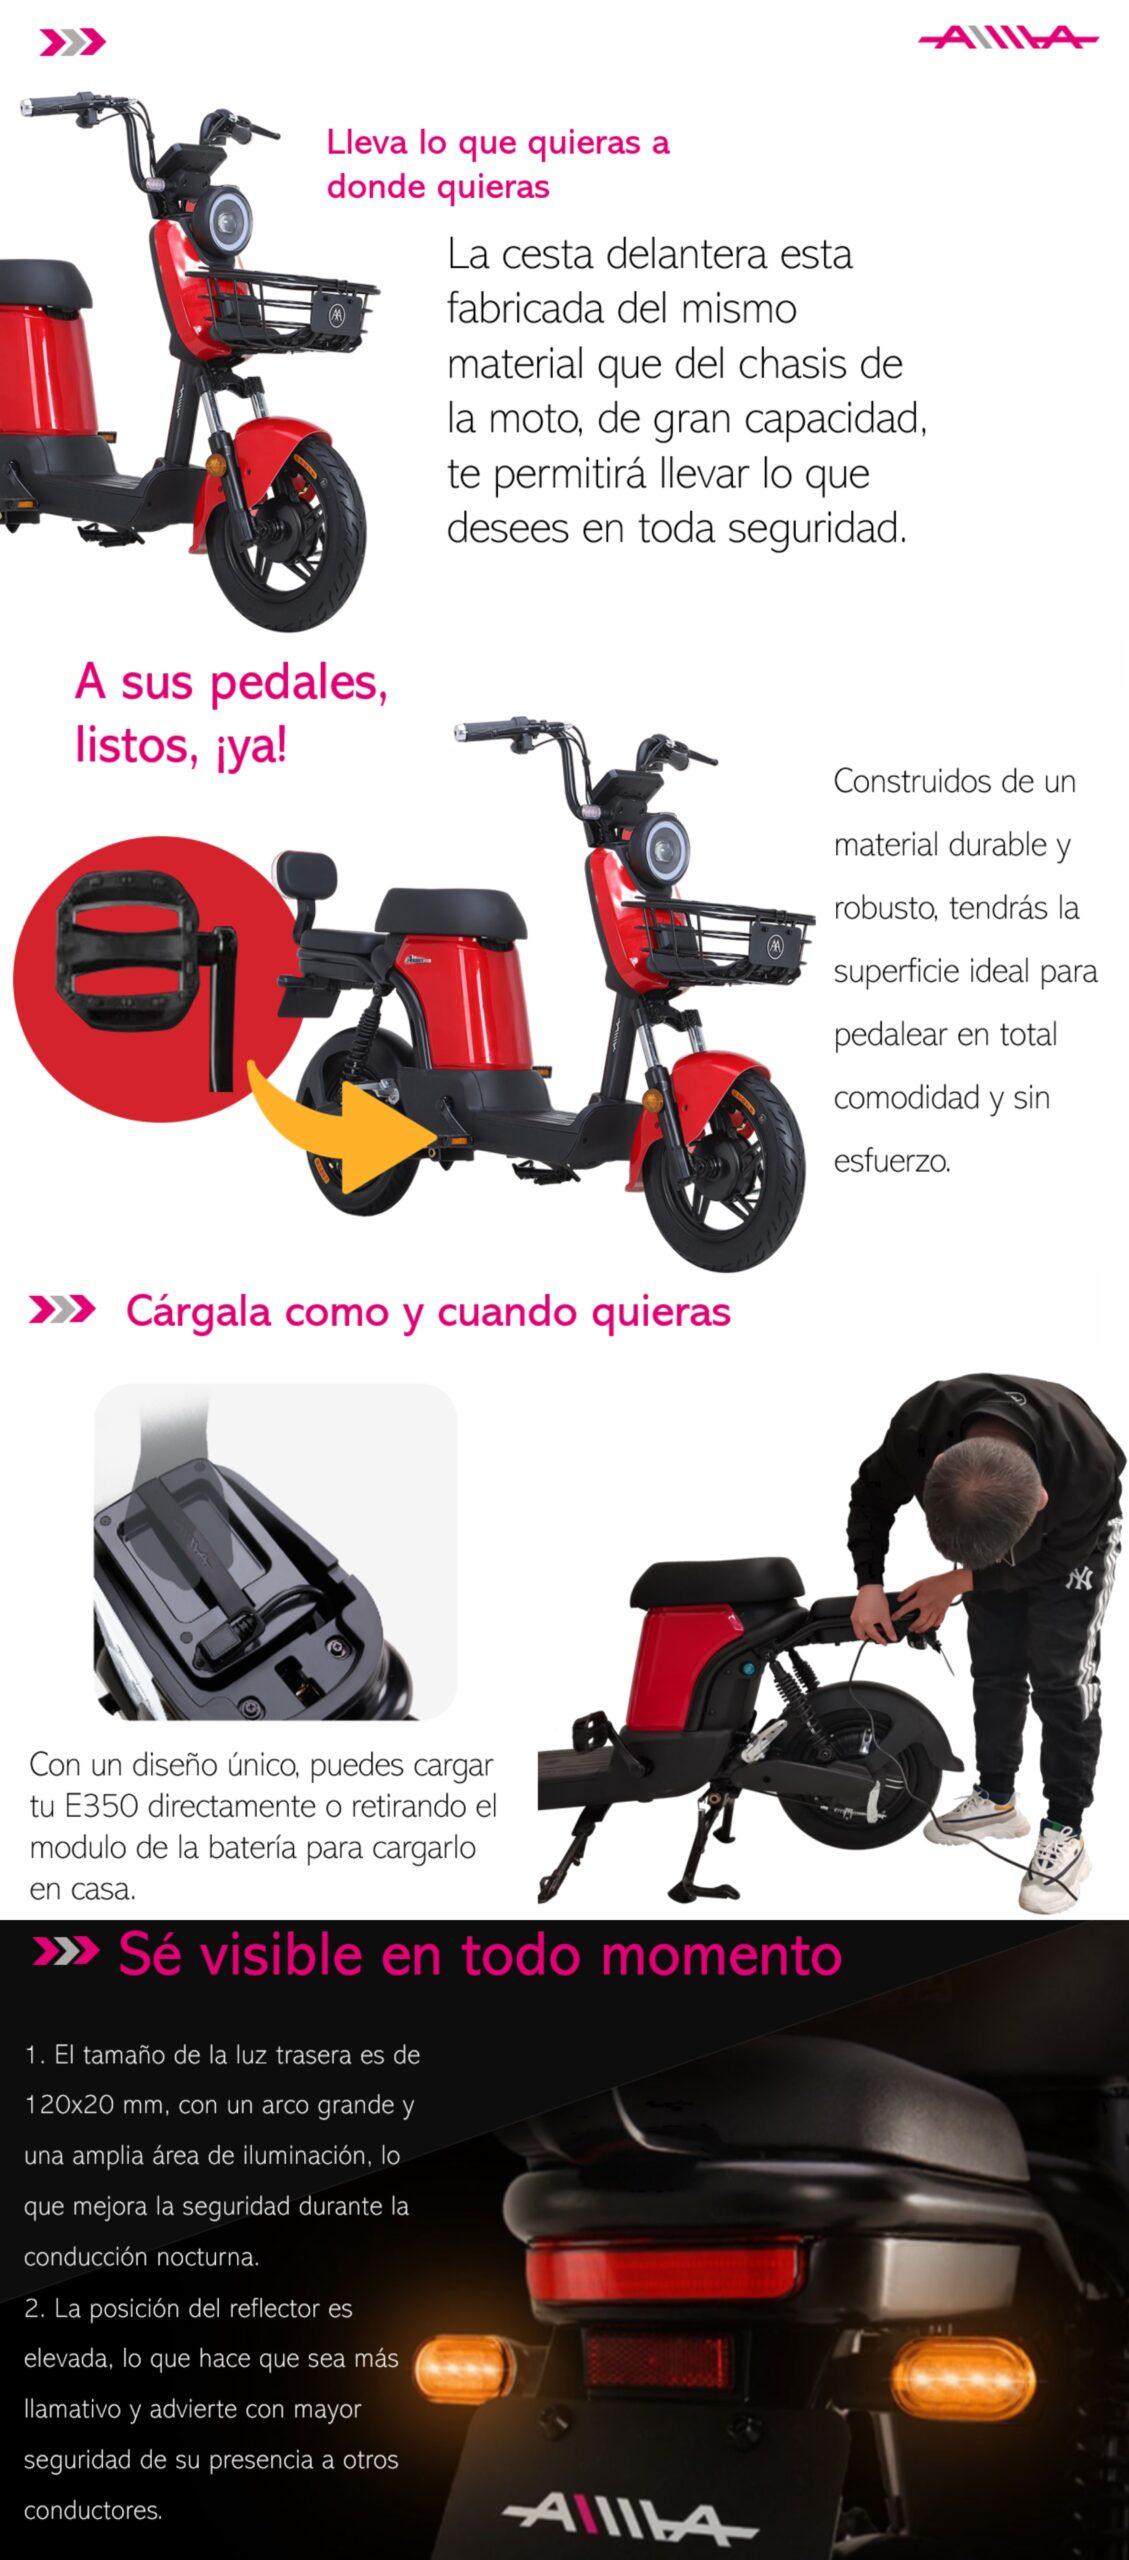 e350 todo scaled AIMA Peru - Motos Electricas Peru